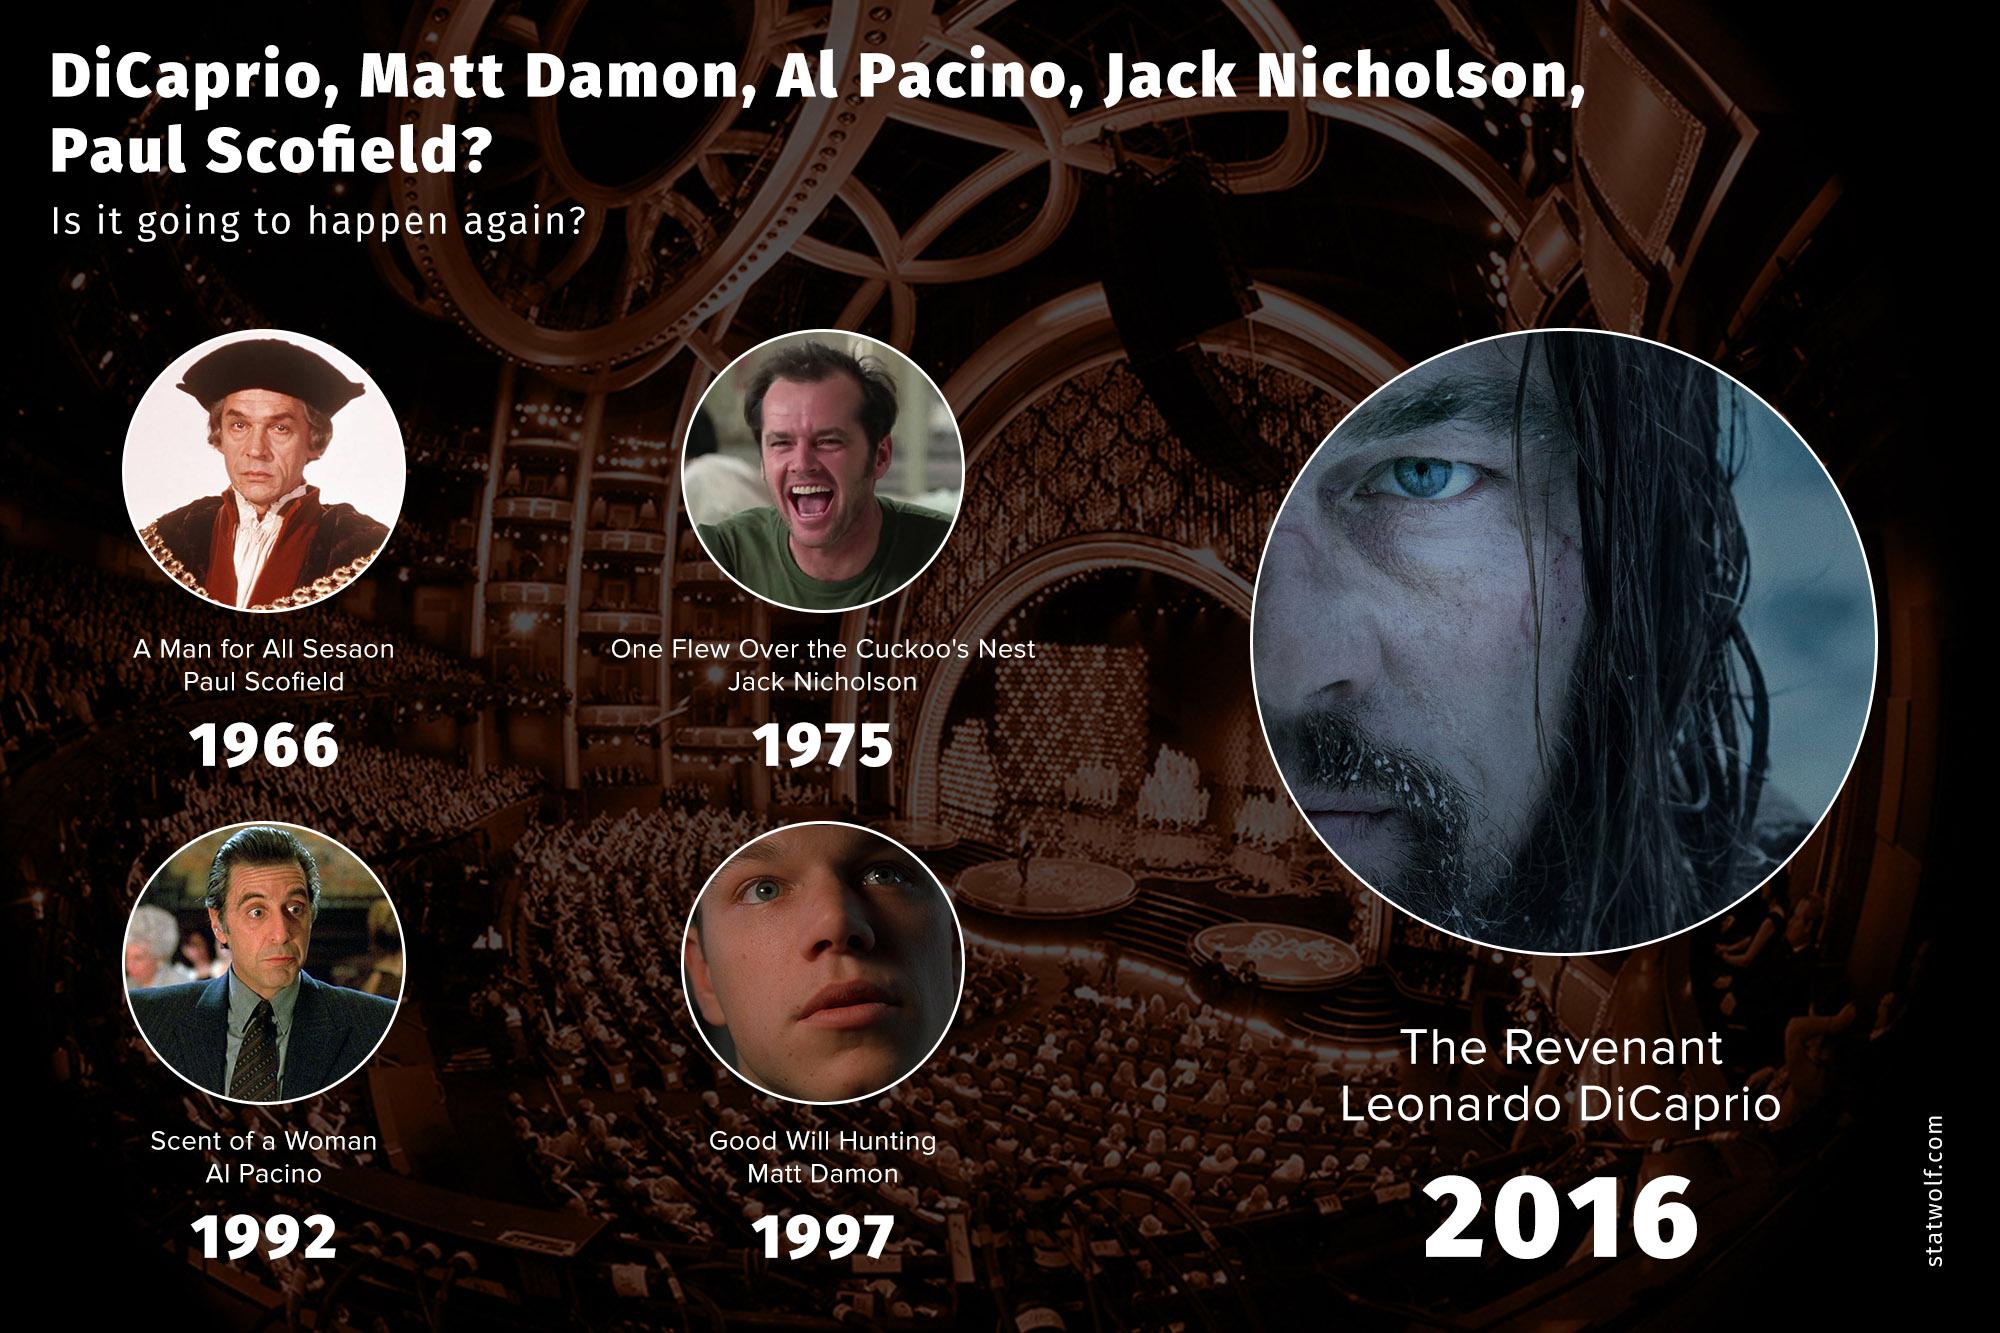 DiCaprio, MAtt Damon, Al Pacino, Jack Nicholson, Paul Scofield